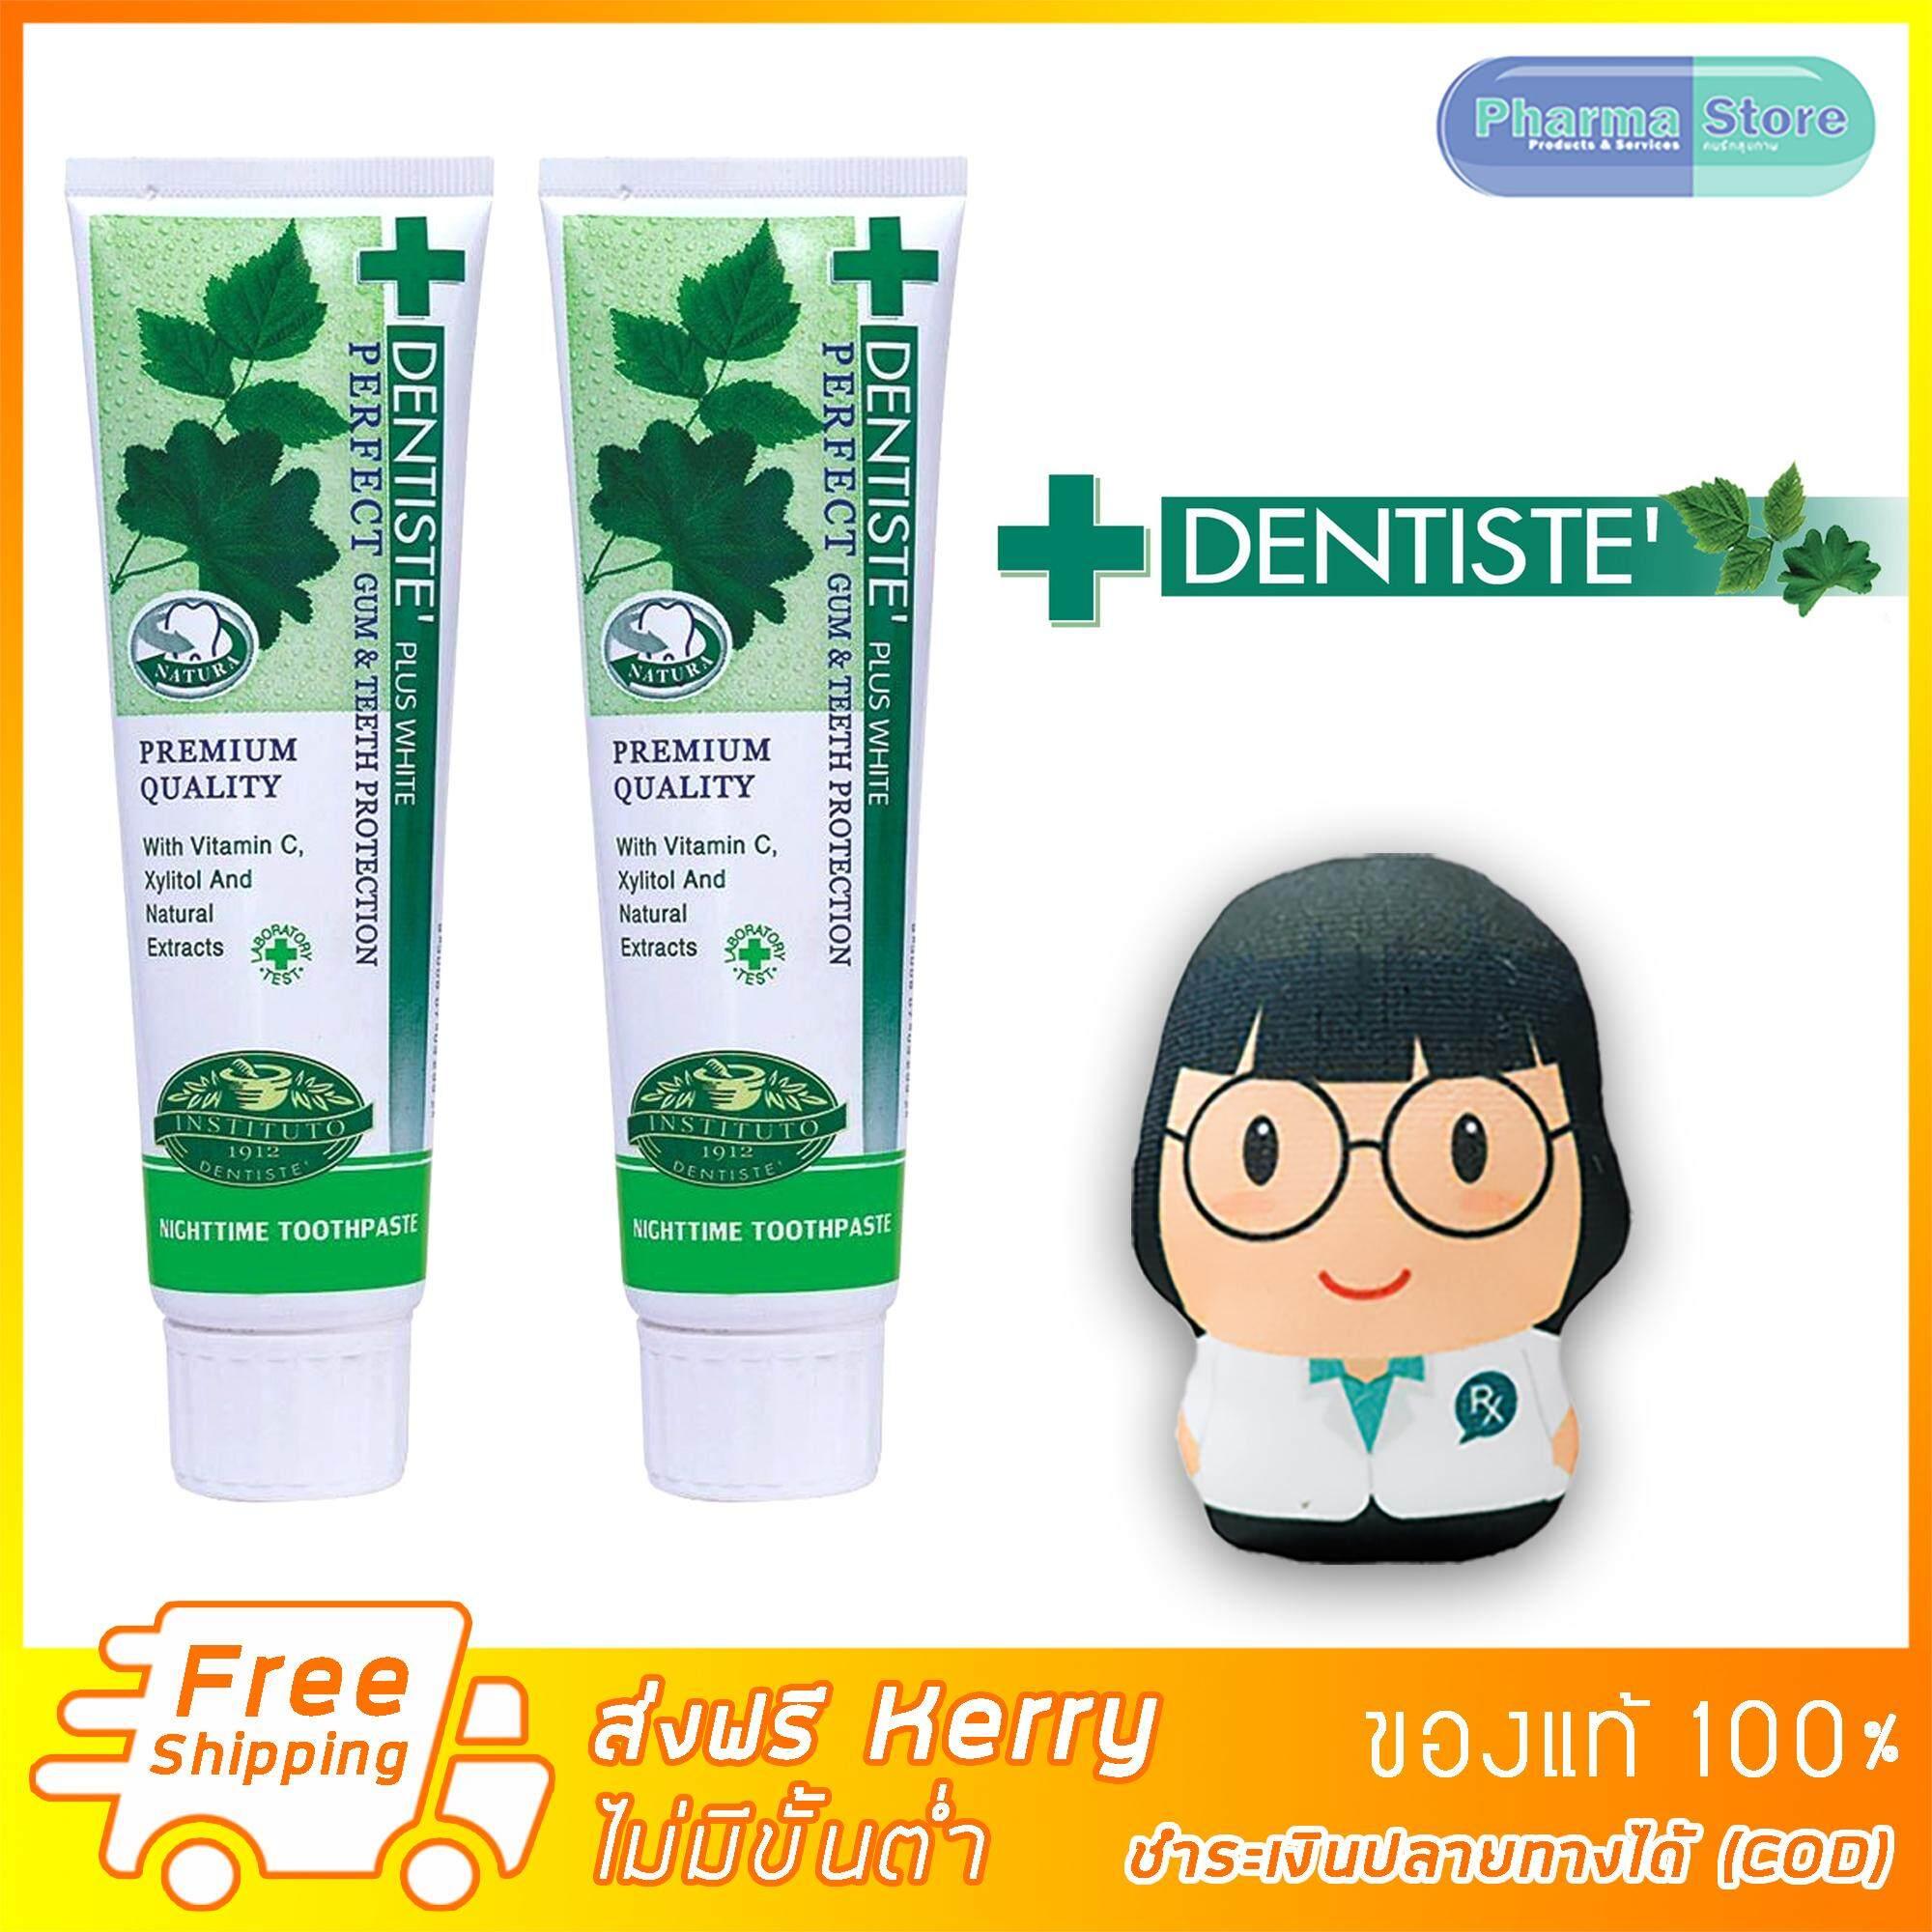 [2 หลอด ของแท้ ส่งฟรี Kerry ไม่มีขั้นต่ำ] ยาสีฟัน Dentiste หลอดเขียว มีให้เลือก 3 ขนาด [50 กรัม,100 กรัม และ 160 กรัม]